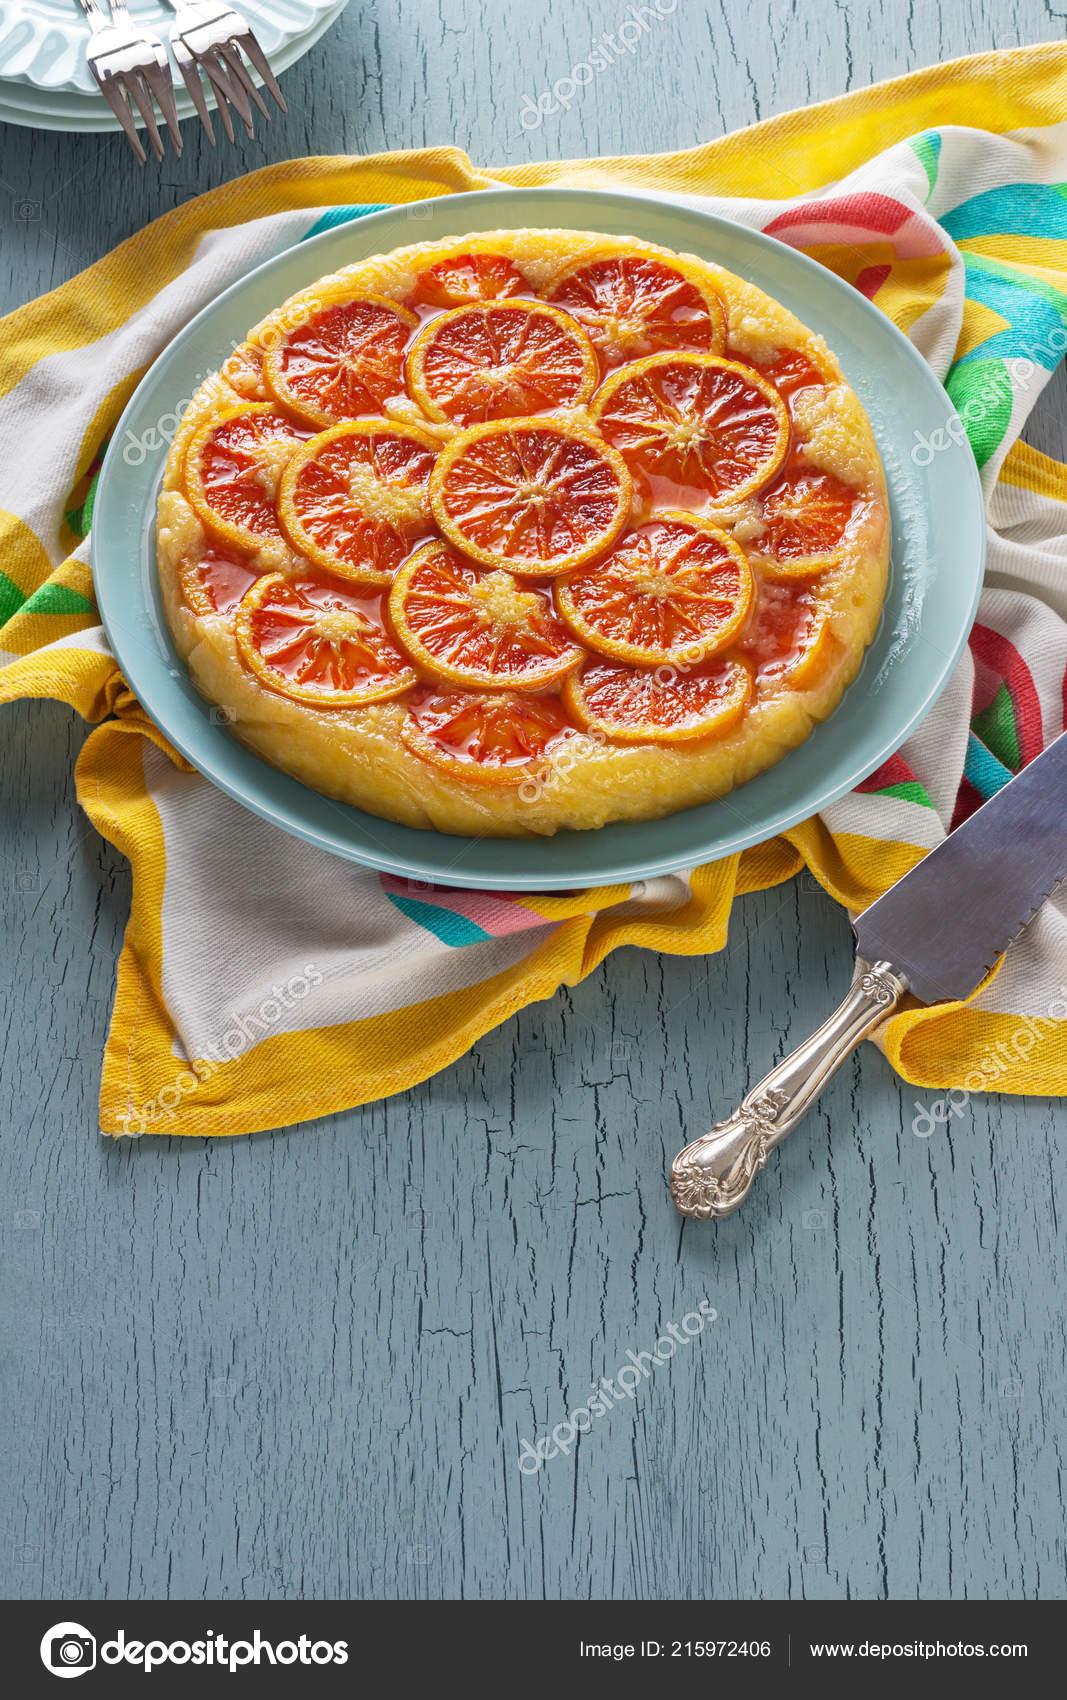 Blood Orange Ricotta Maismehl Kuchen Auf Einem Blauen Leuchttisch